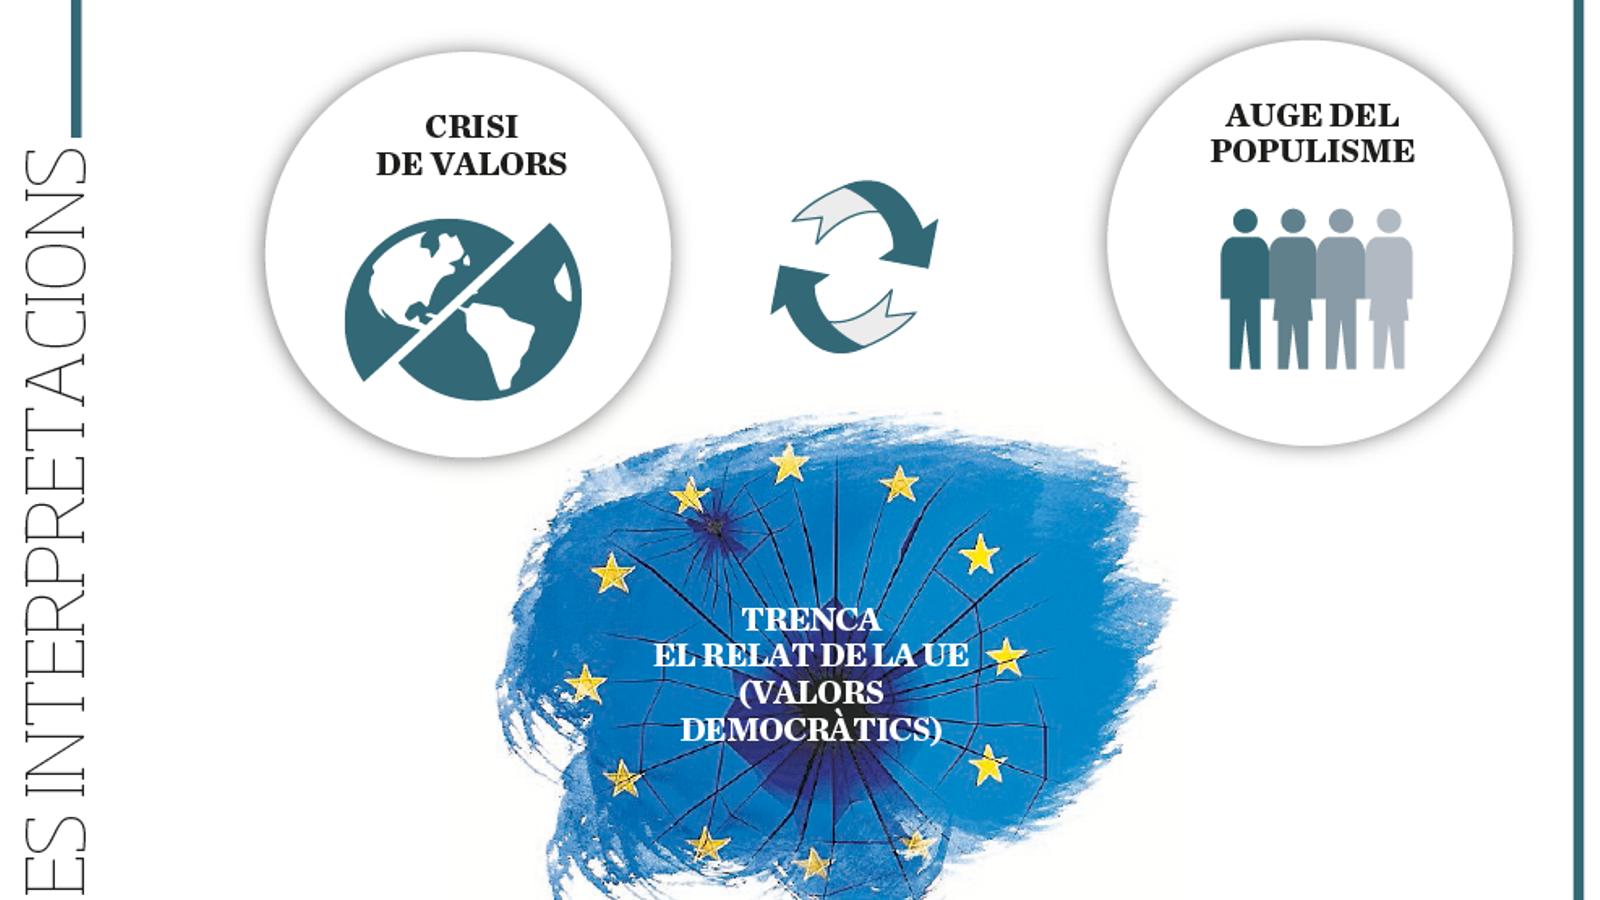 Quins són  els contravalors  del populisme? Com s'han de canalitzar les emocions en política?